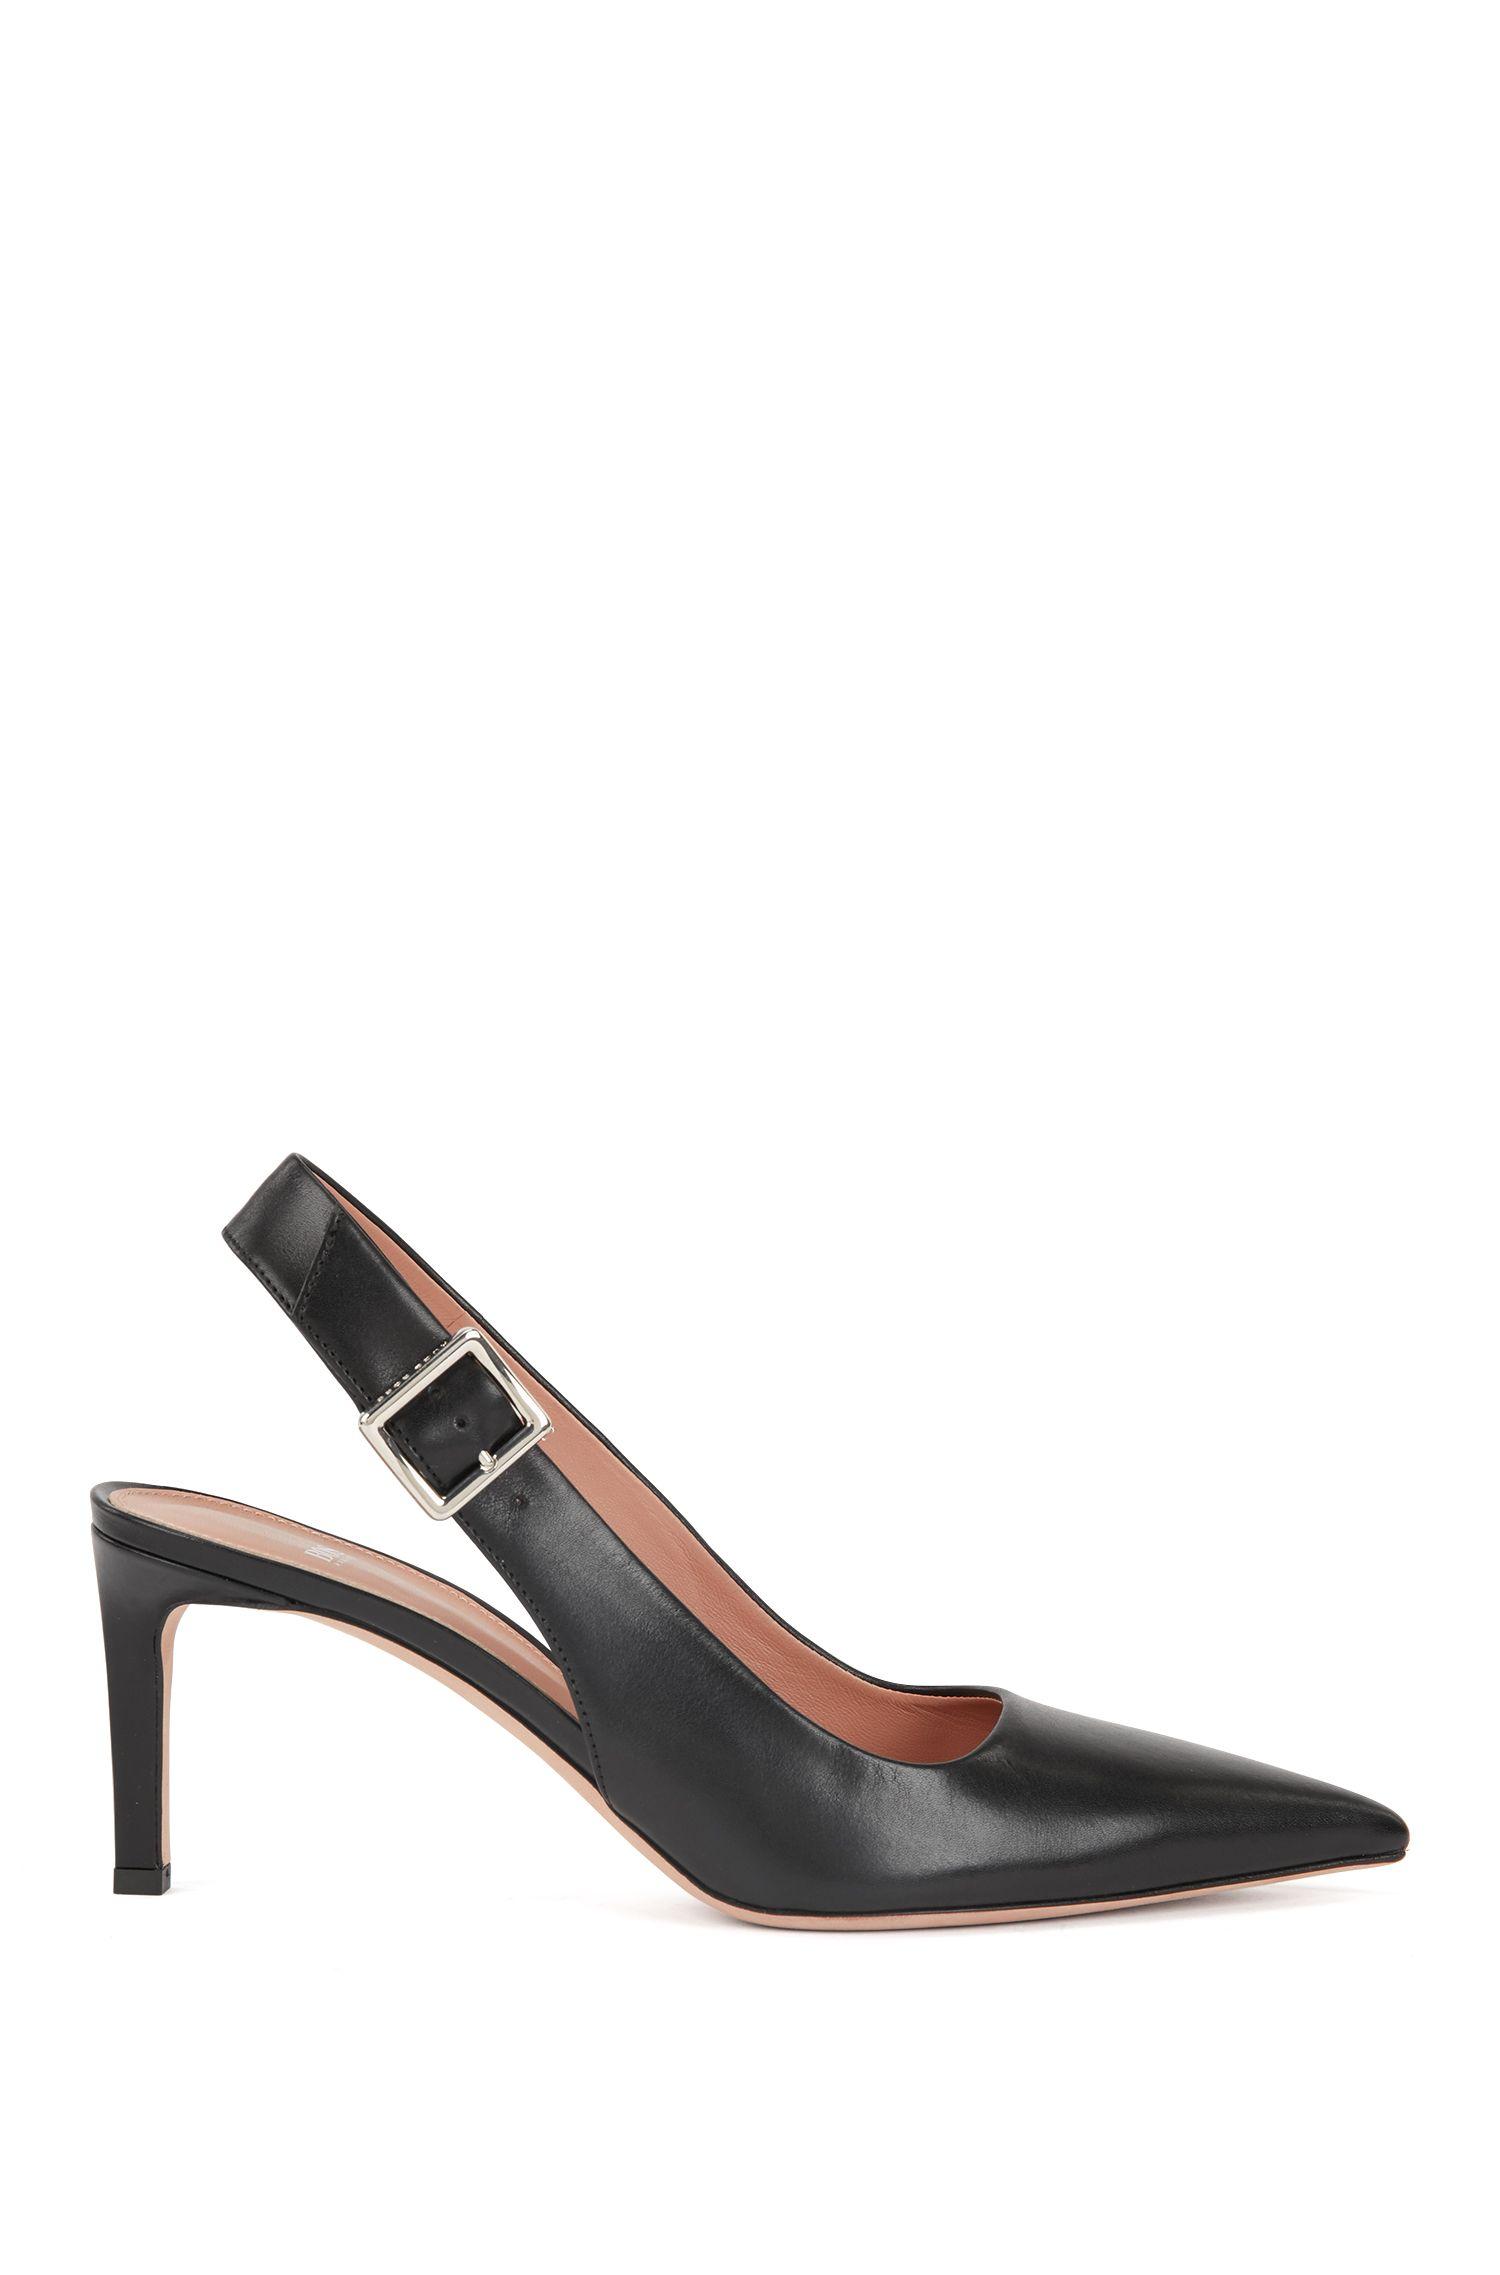 Hugo Boss - Zapatos de salón de talón abierto en piel de becerro con detalle de hebilla - 1